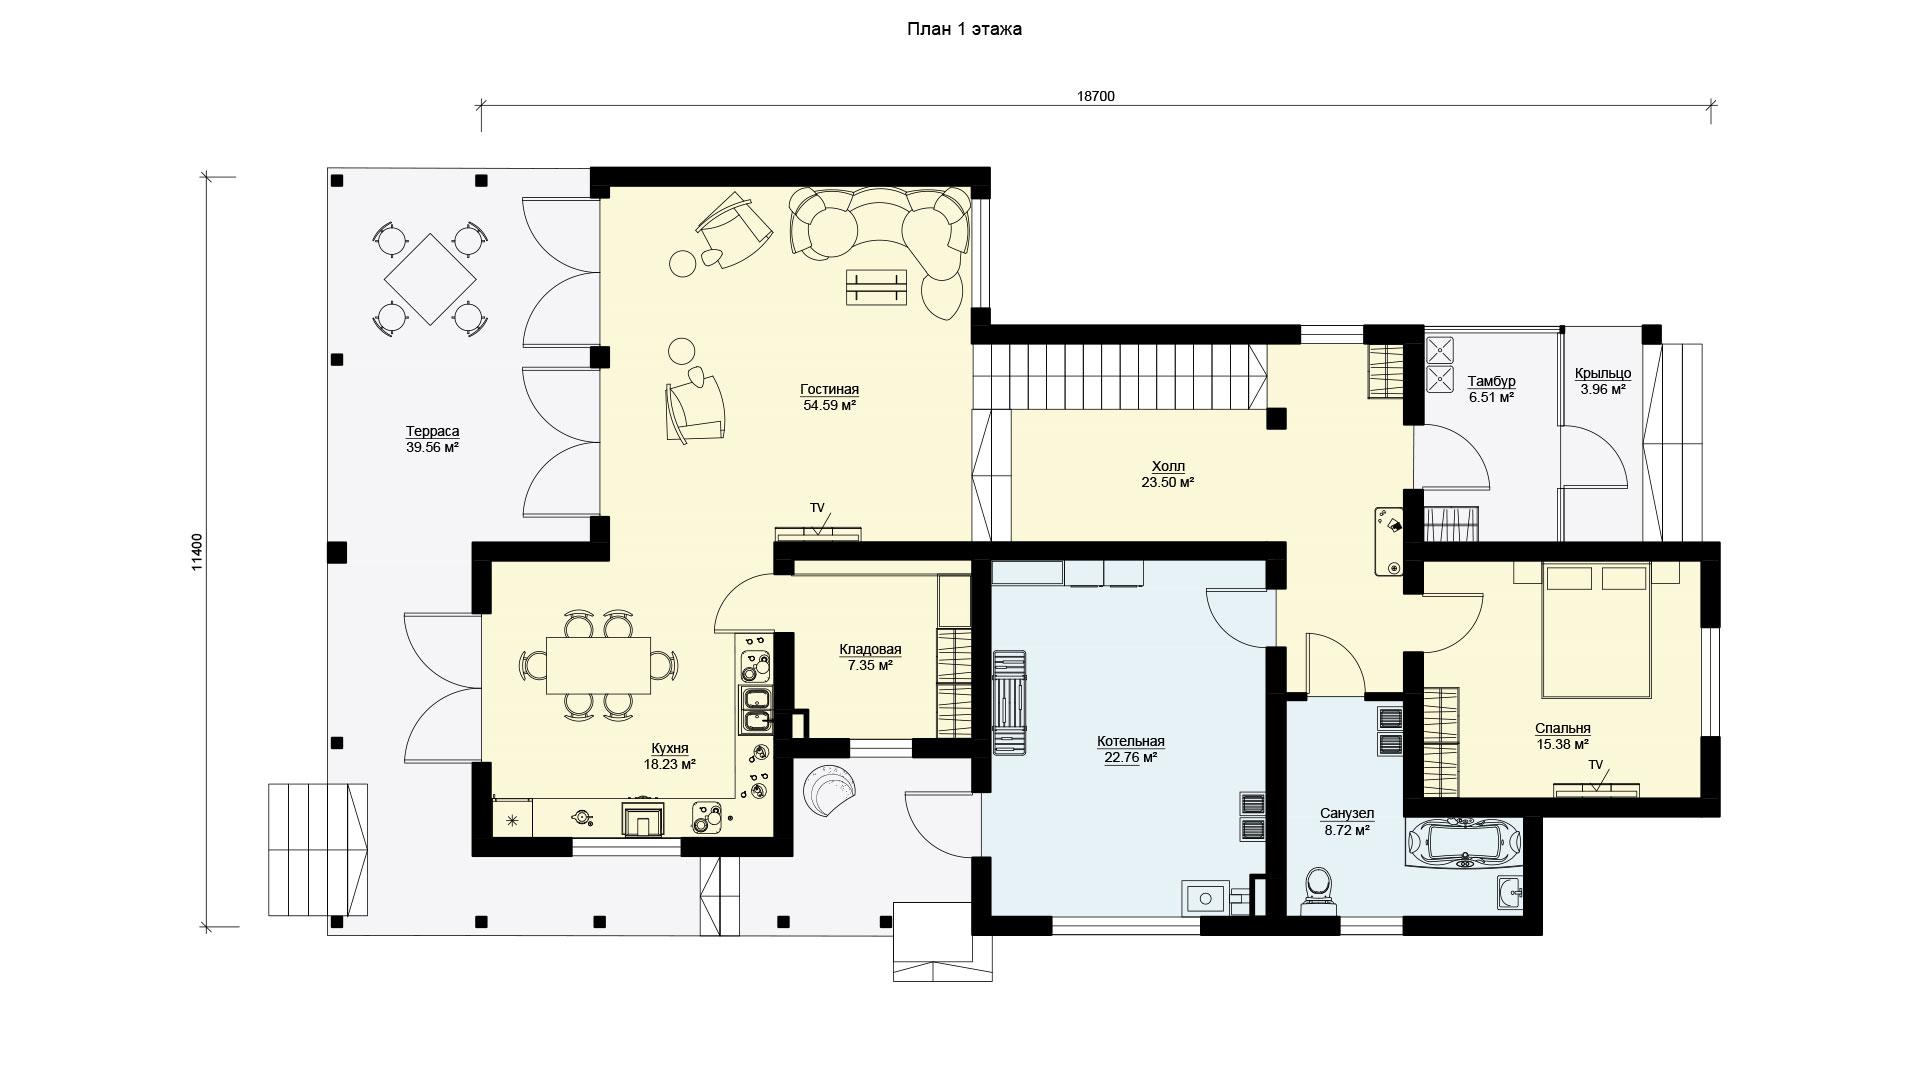 План первого этажа загородного дома 18 на 11 двухэтажного, проект БЭНПАН БП-294.